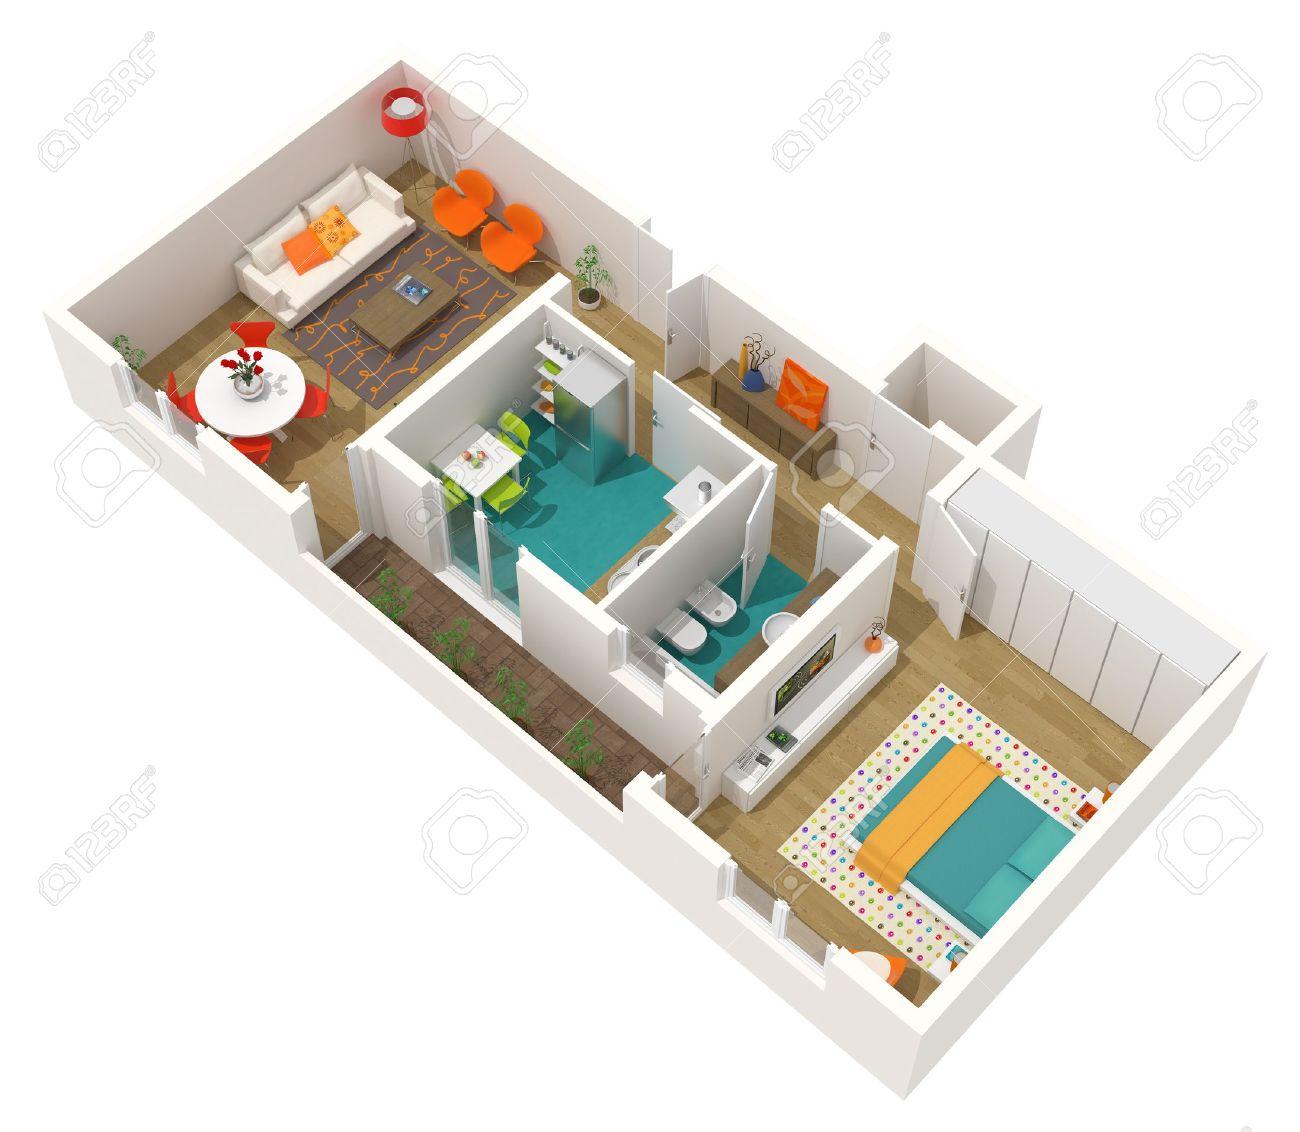 Moderne Innenarchitektur   21D Home Projekt   Wohnung. Hohe ...